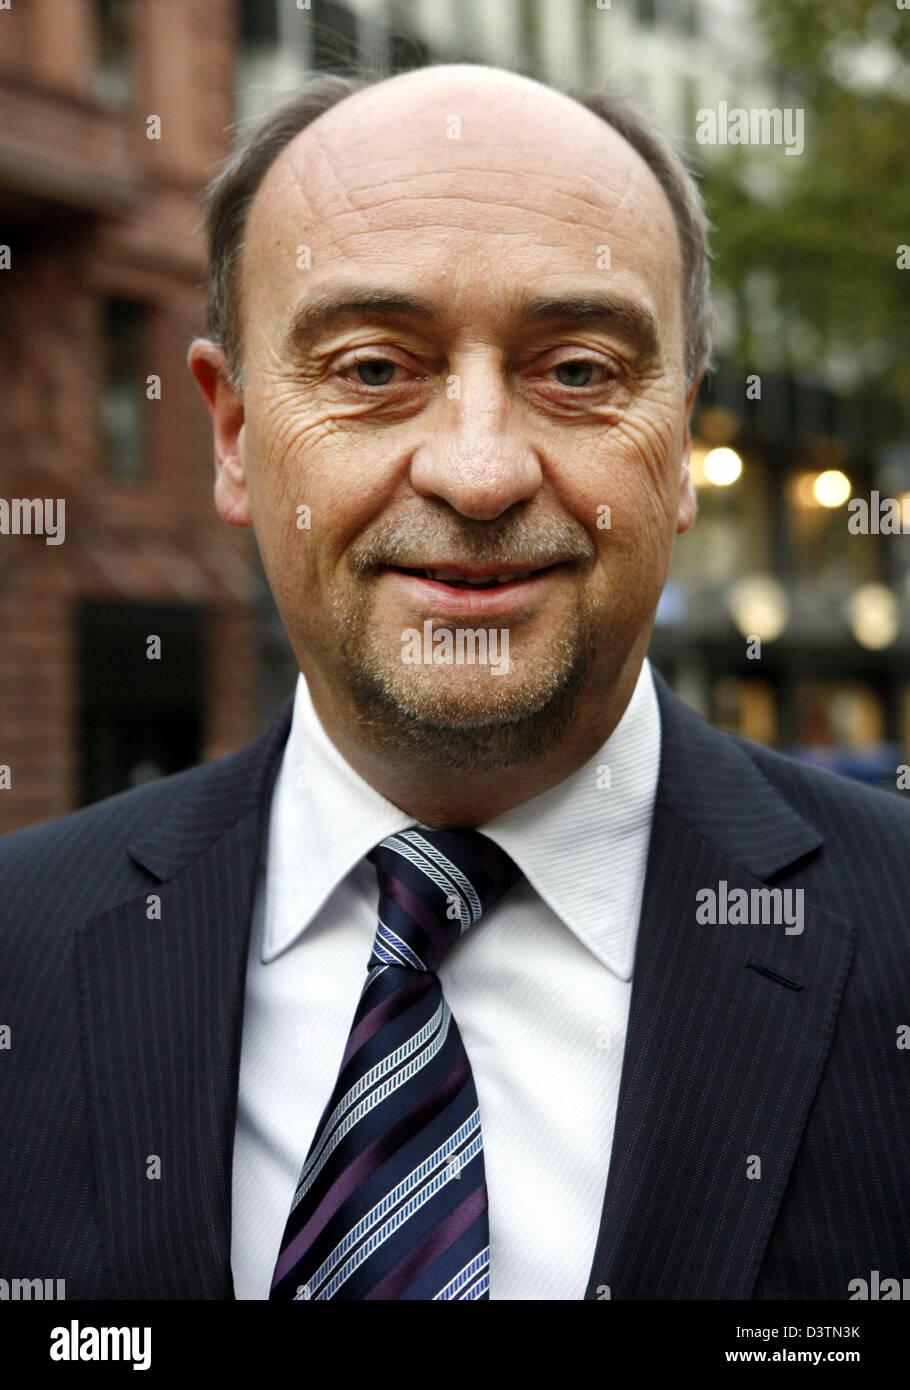 """CEO der Immobilienholding """"GAGFAH"""", Burkhard Ulrich Drescher steht vor der Deutschen Börse in Frankfurt Stockbild"""